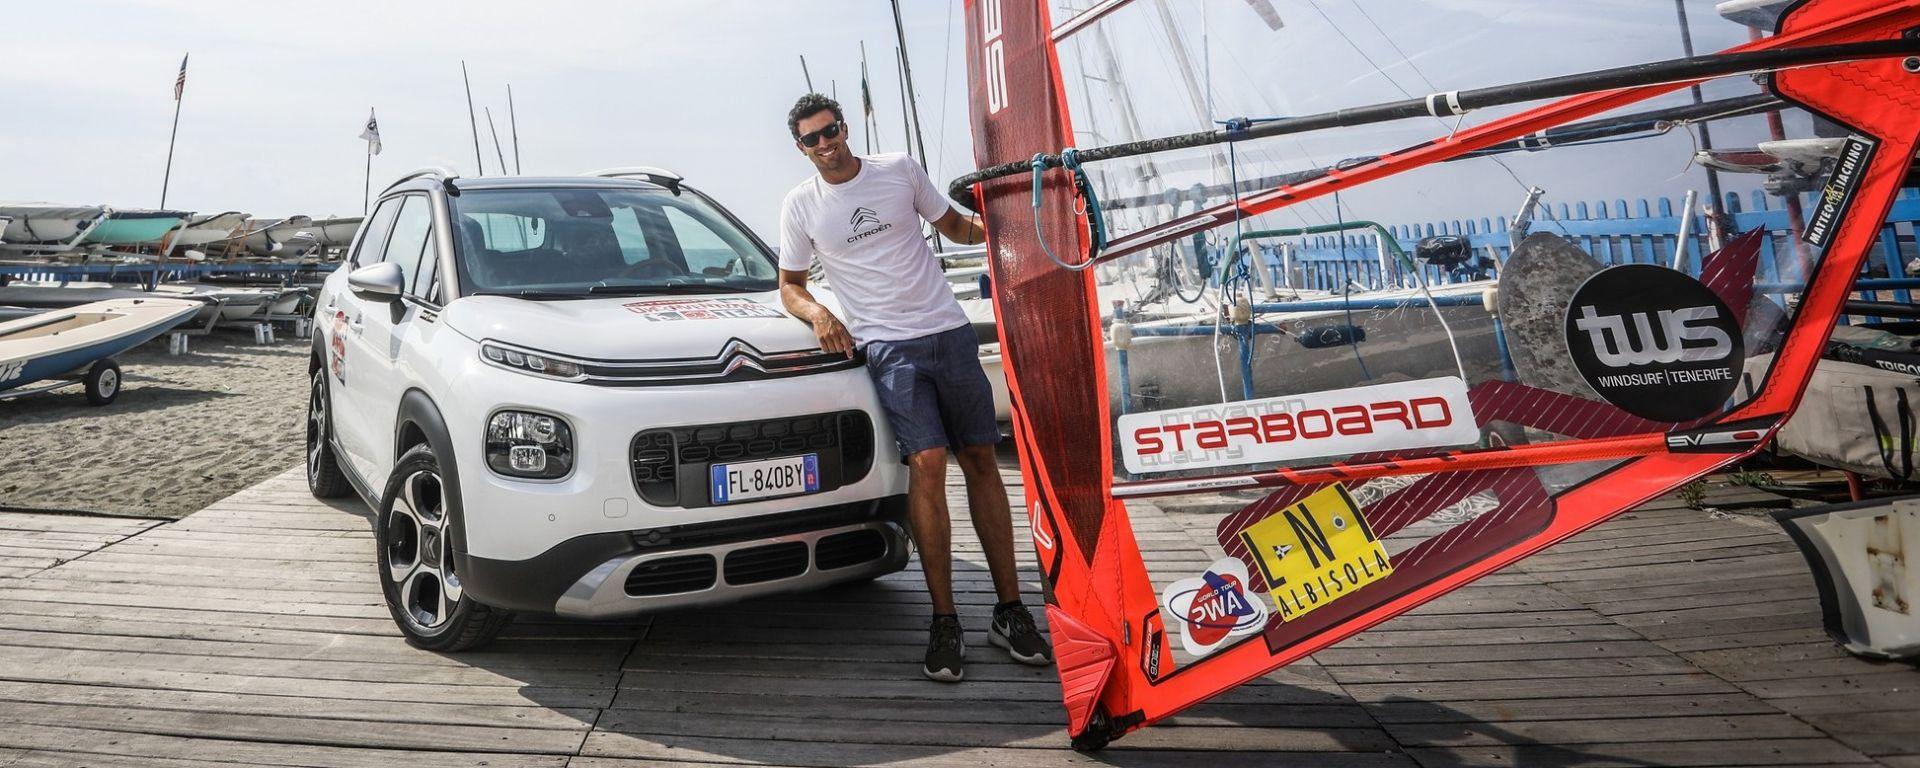 Matteo Iachino e la Citron C3 Aircross alla sfida dell'Unconventional Test